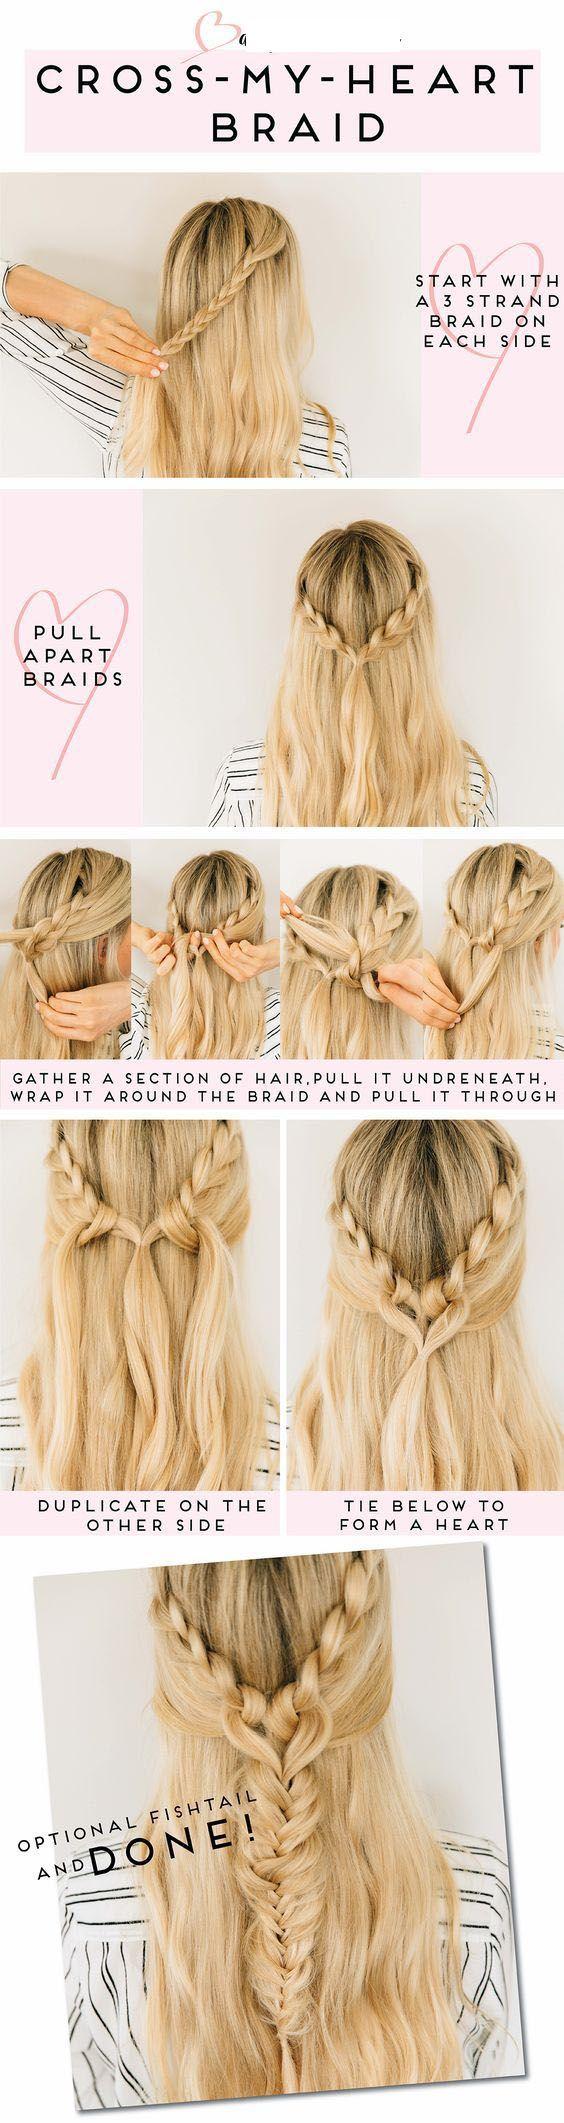 Hair braid blode hair hair styles hair color hair cut hair color